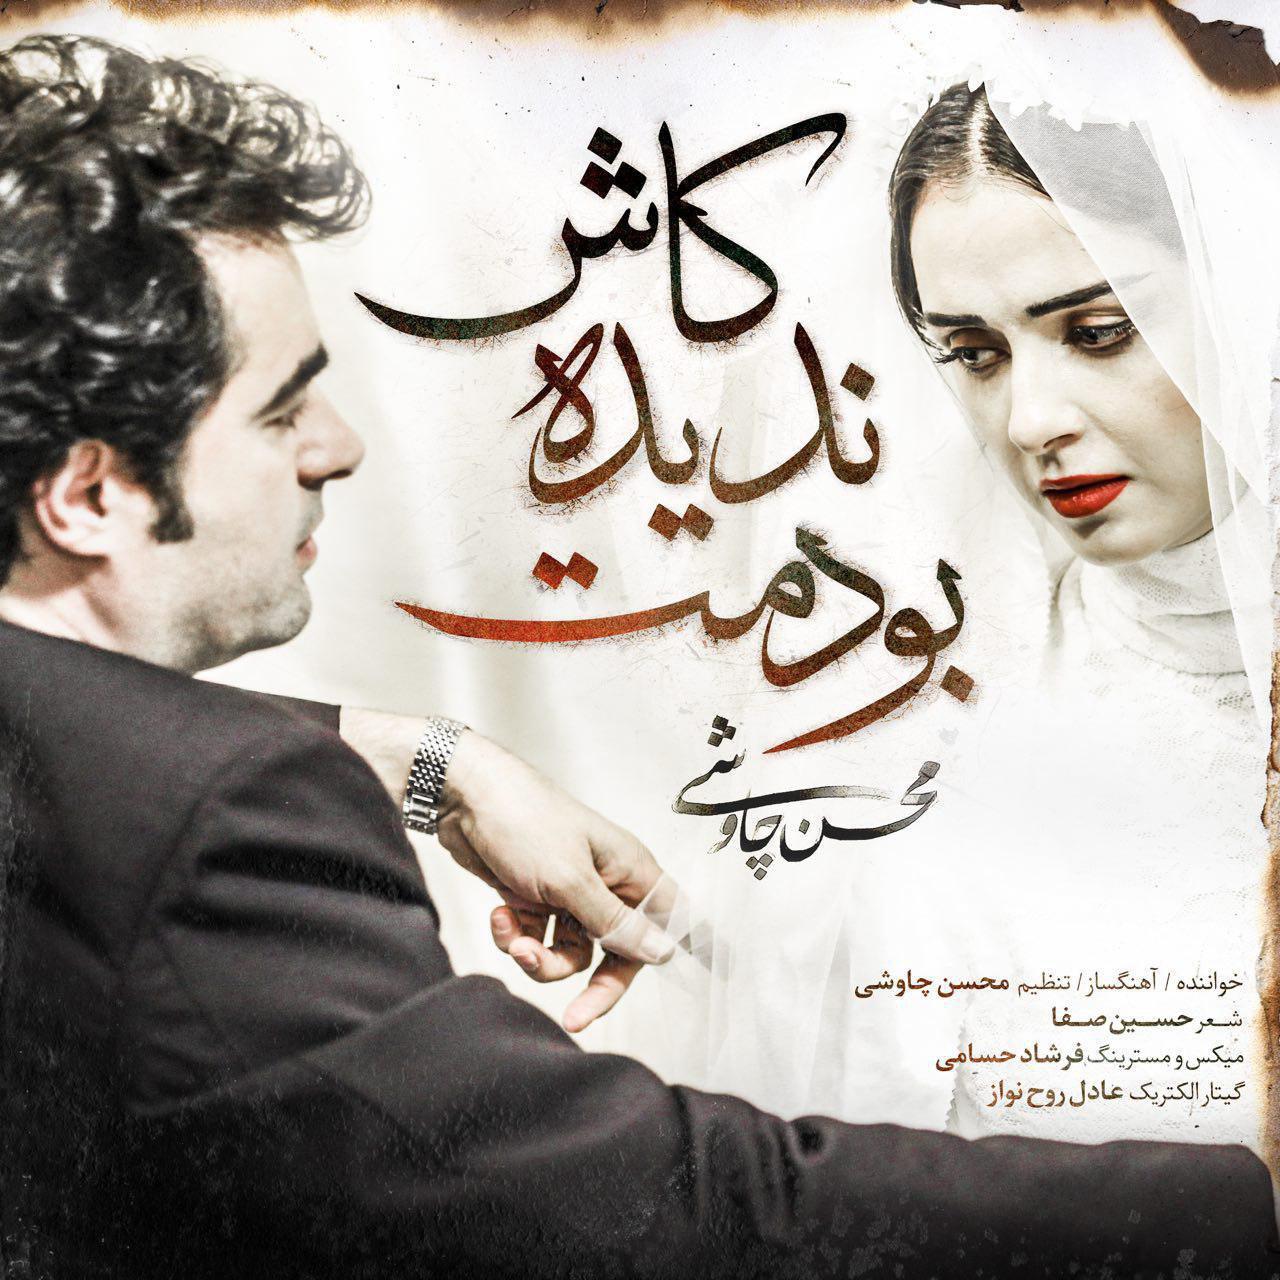 دانلود آهنگ کاش ندیده بودمت از محسن چاوشی